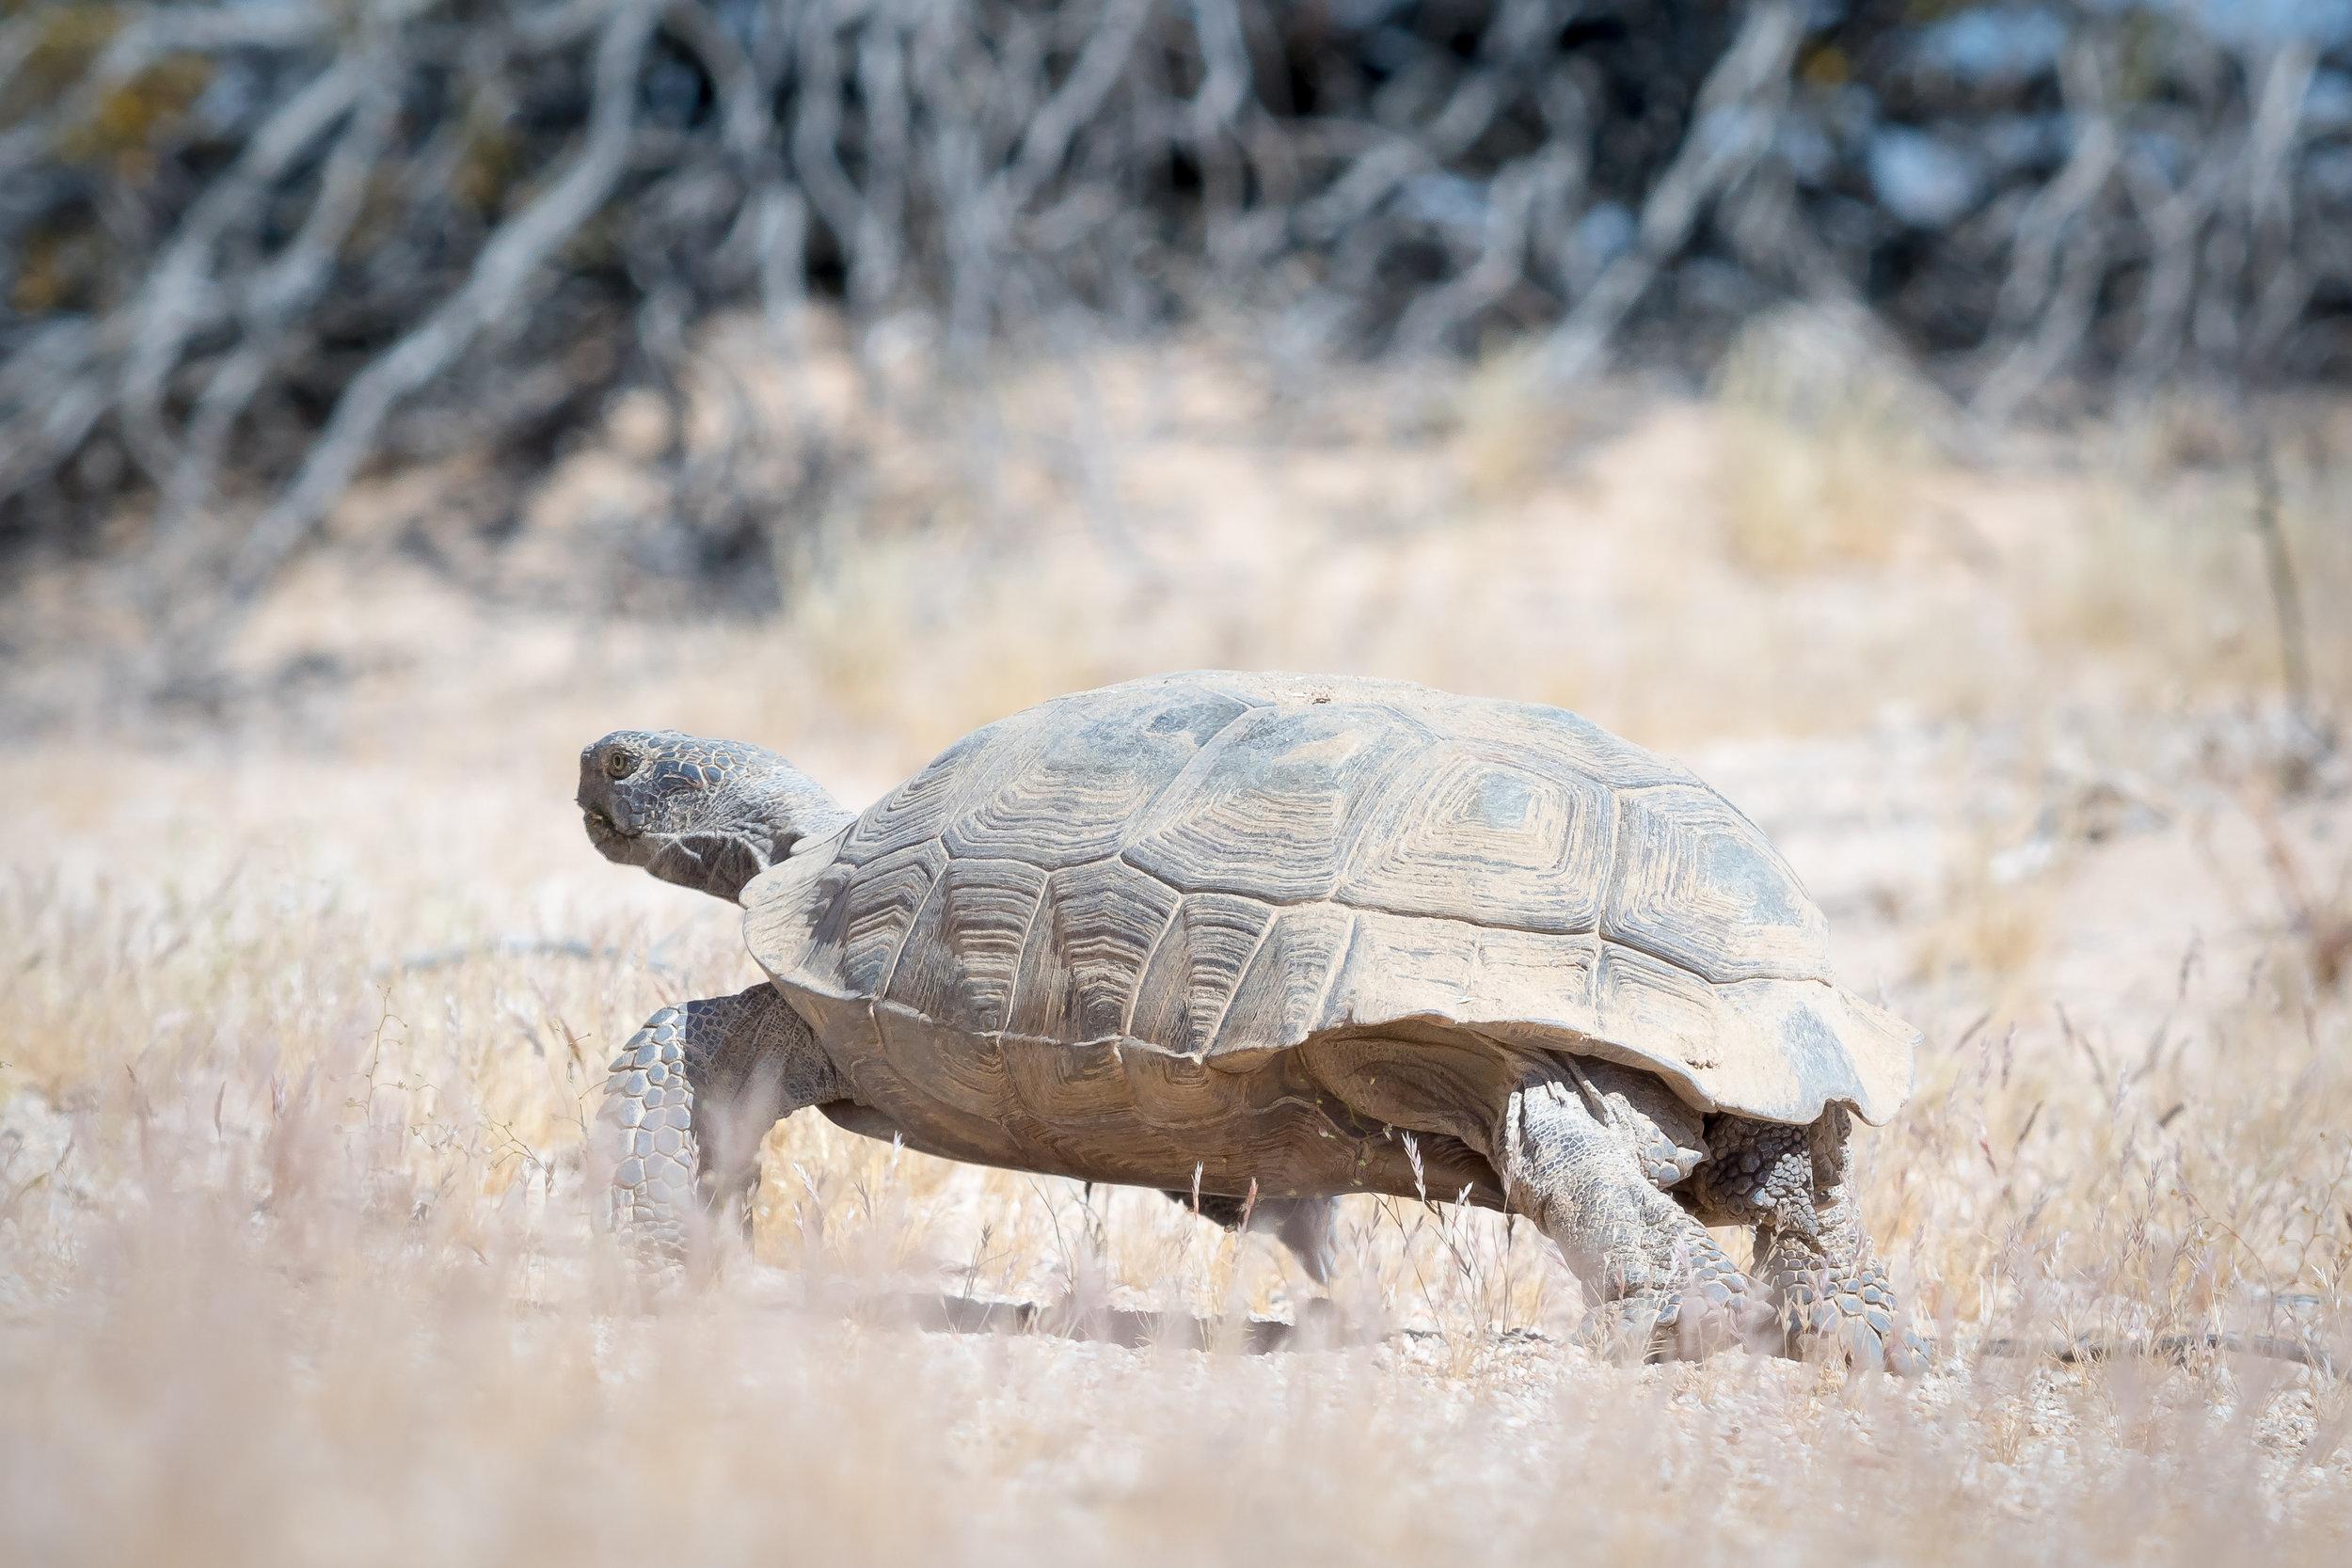 Desert tortoise_Bart Oud.jpg